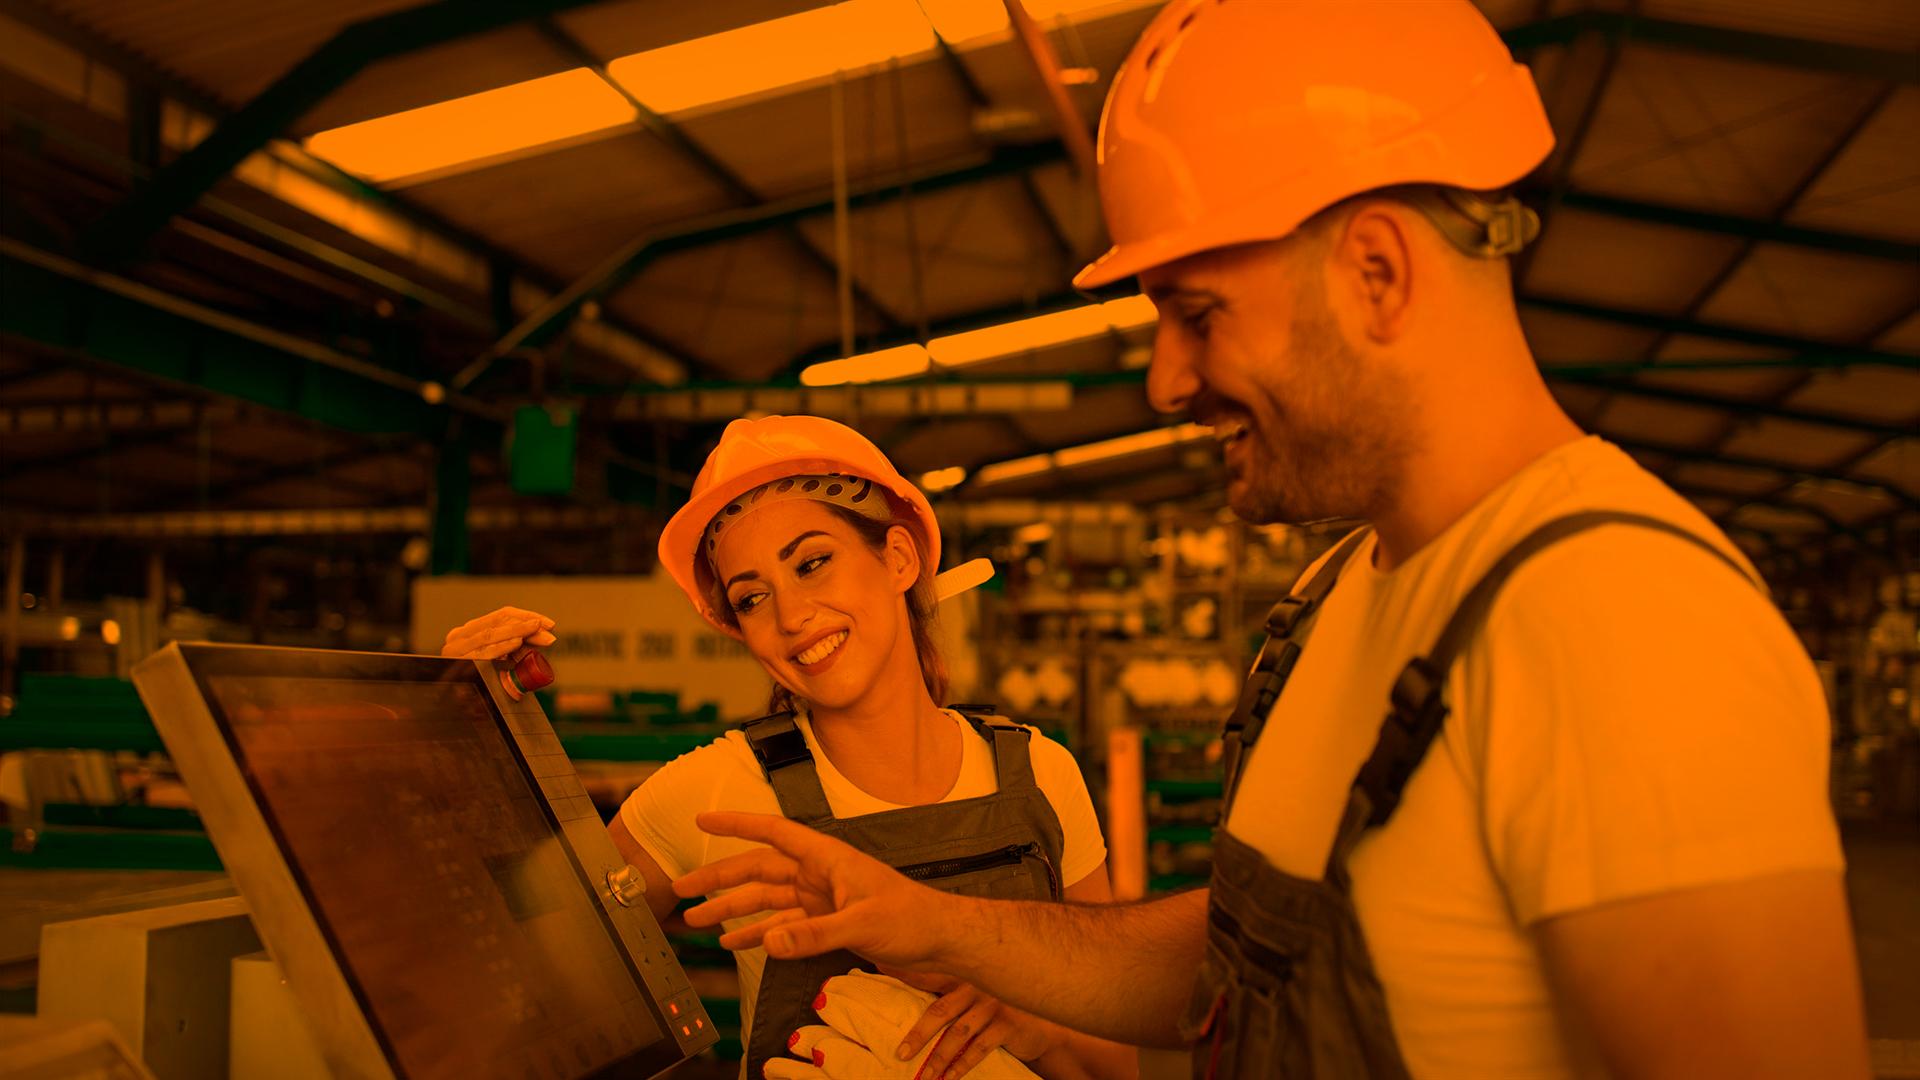 Gestão de ativos: uma necessidade da indústria moderna